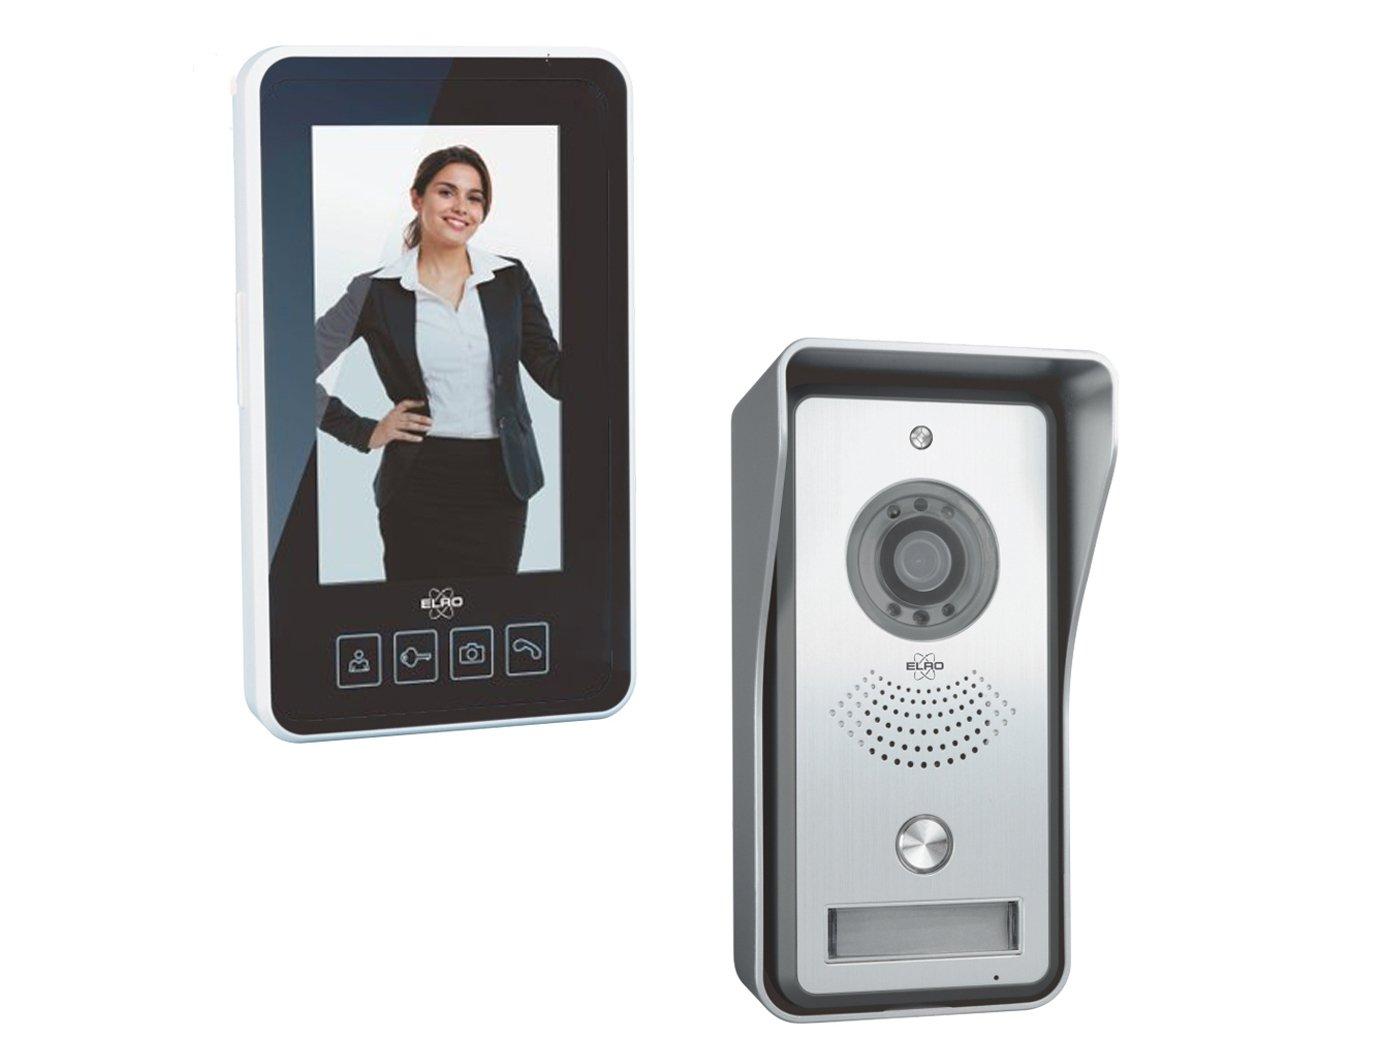 kabellose ELRO Video T/ürsprechanlage mit tragbarem 11cm Innenbildschirm /& T/ür/öffner Digitale